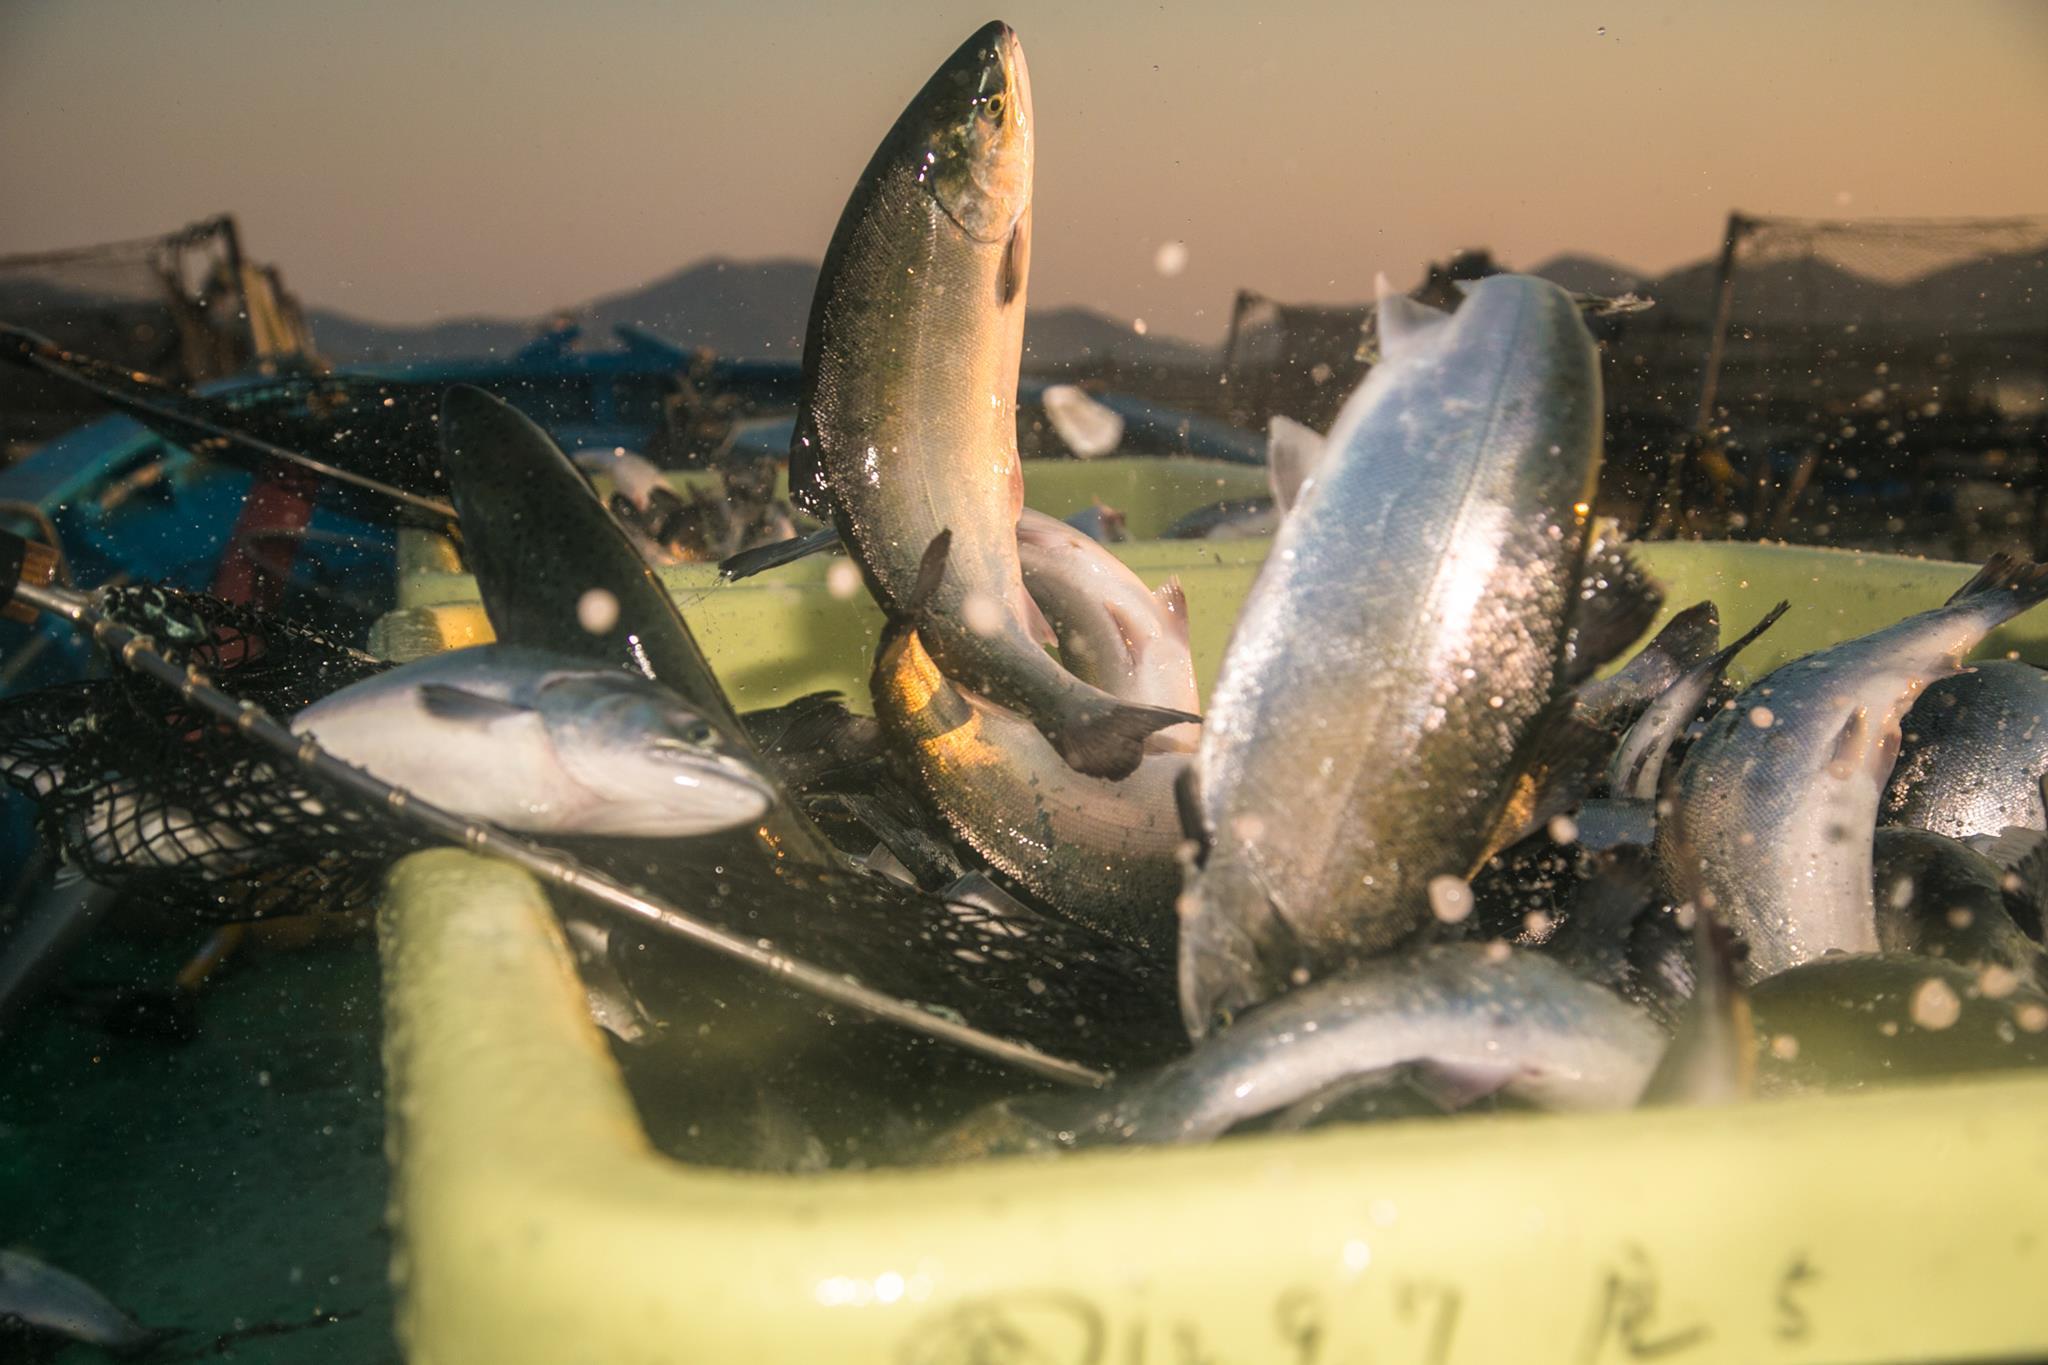 漁師の仕事を知る、短期研修プログラム「牡鹿漁師学校×TRITON SCHOOL – 銀鮭養殖編 – 」開催!